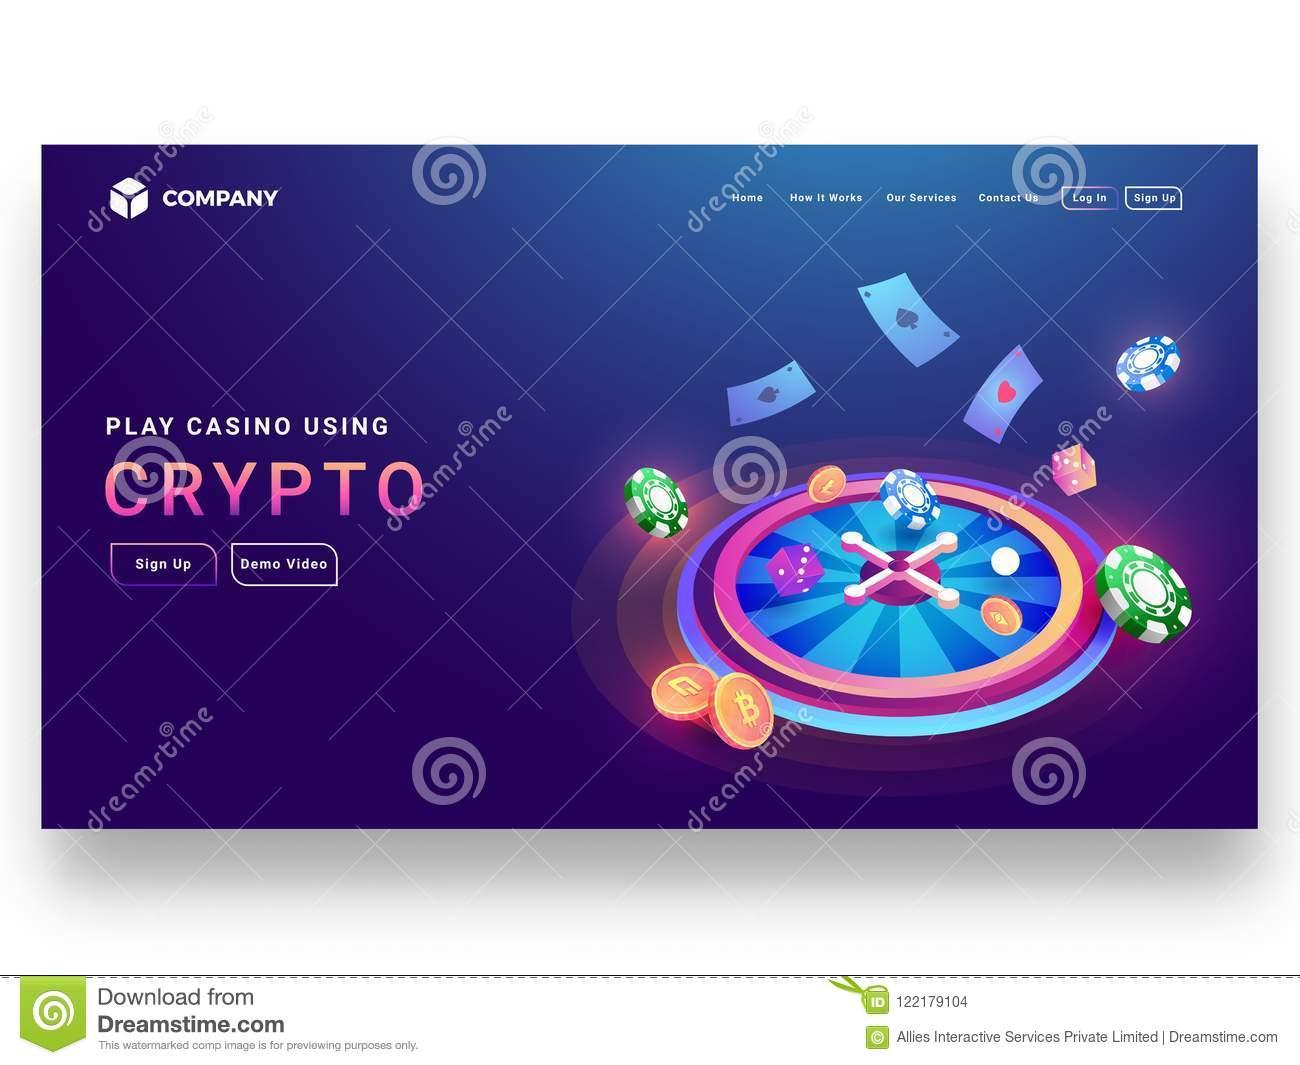 Darmowe gry kasynowe bitcoin online nz